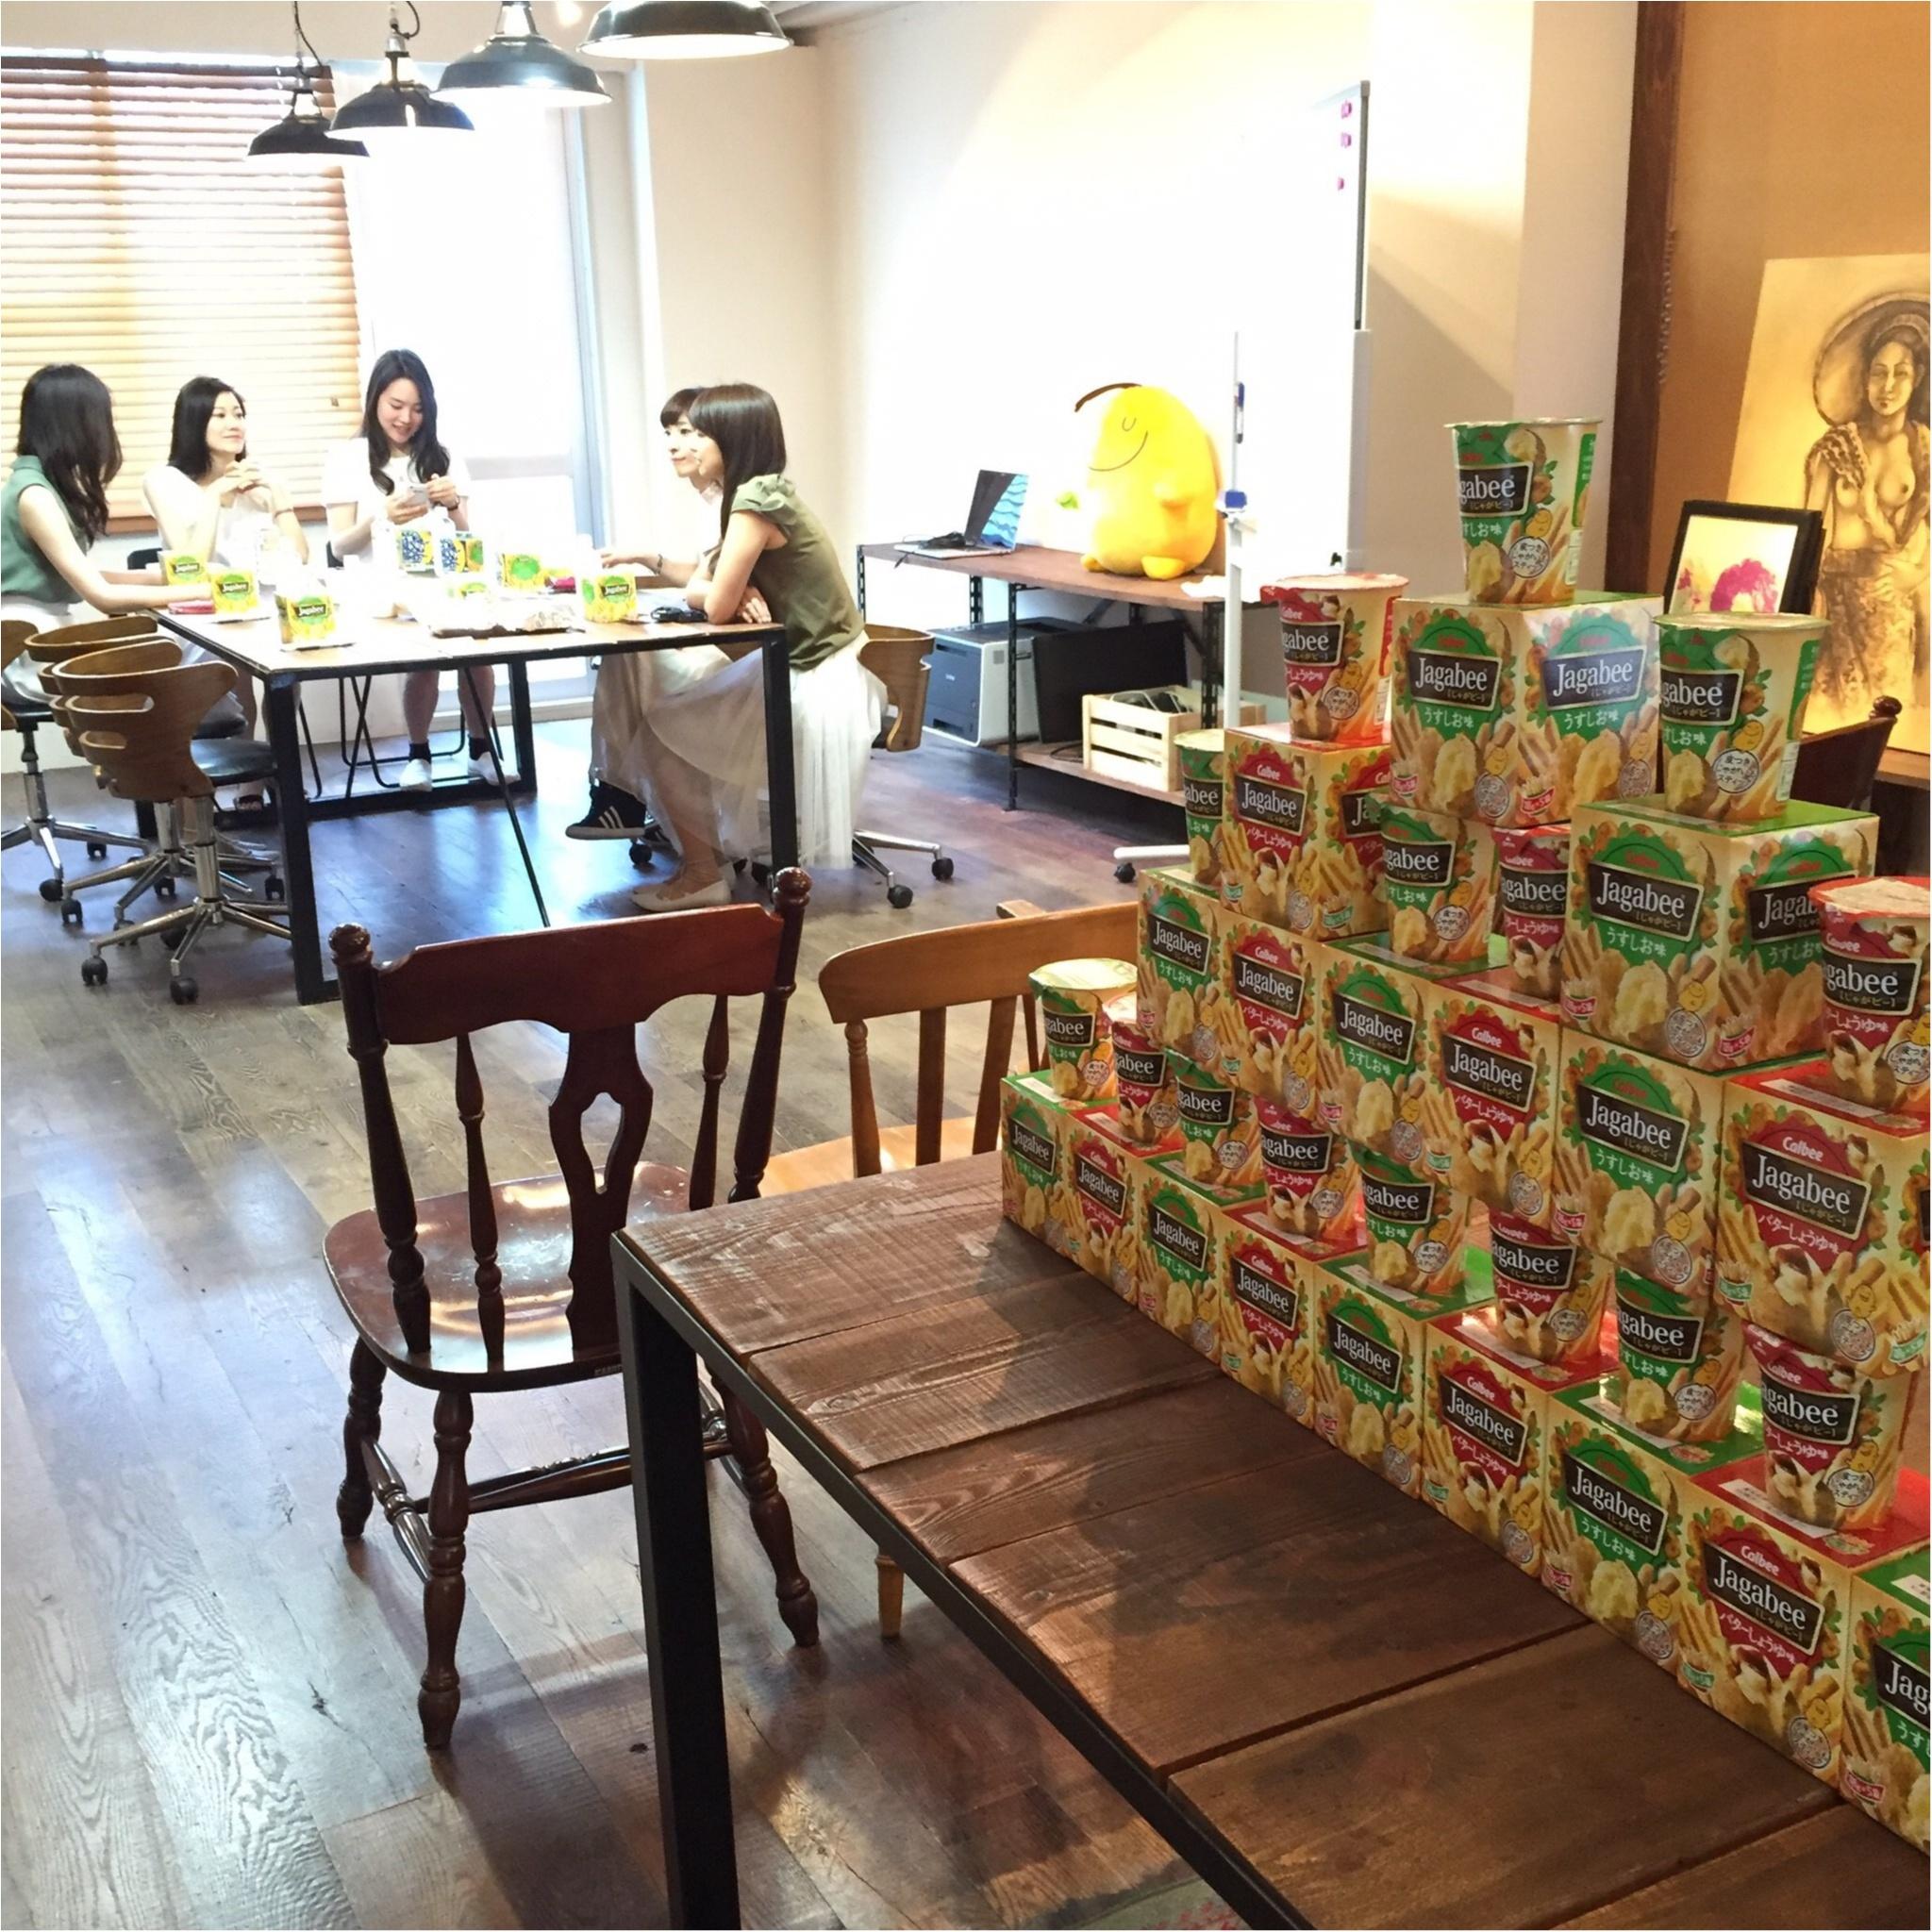 【Jagabee×MORE】みんなの投票で新商品のパッケージが決まる!投票受付中♡ワークショップルポ付き♩≪samenyan≫_2